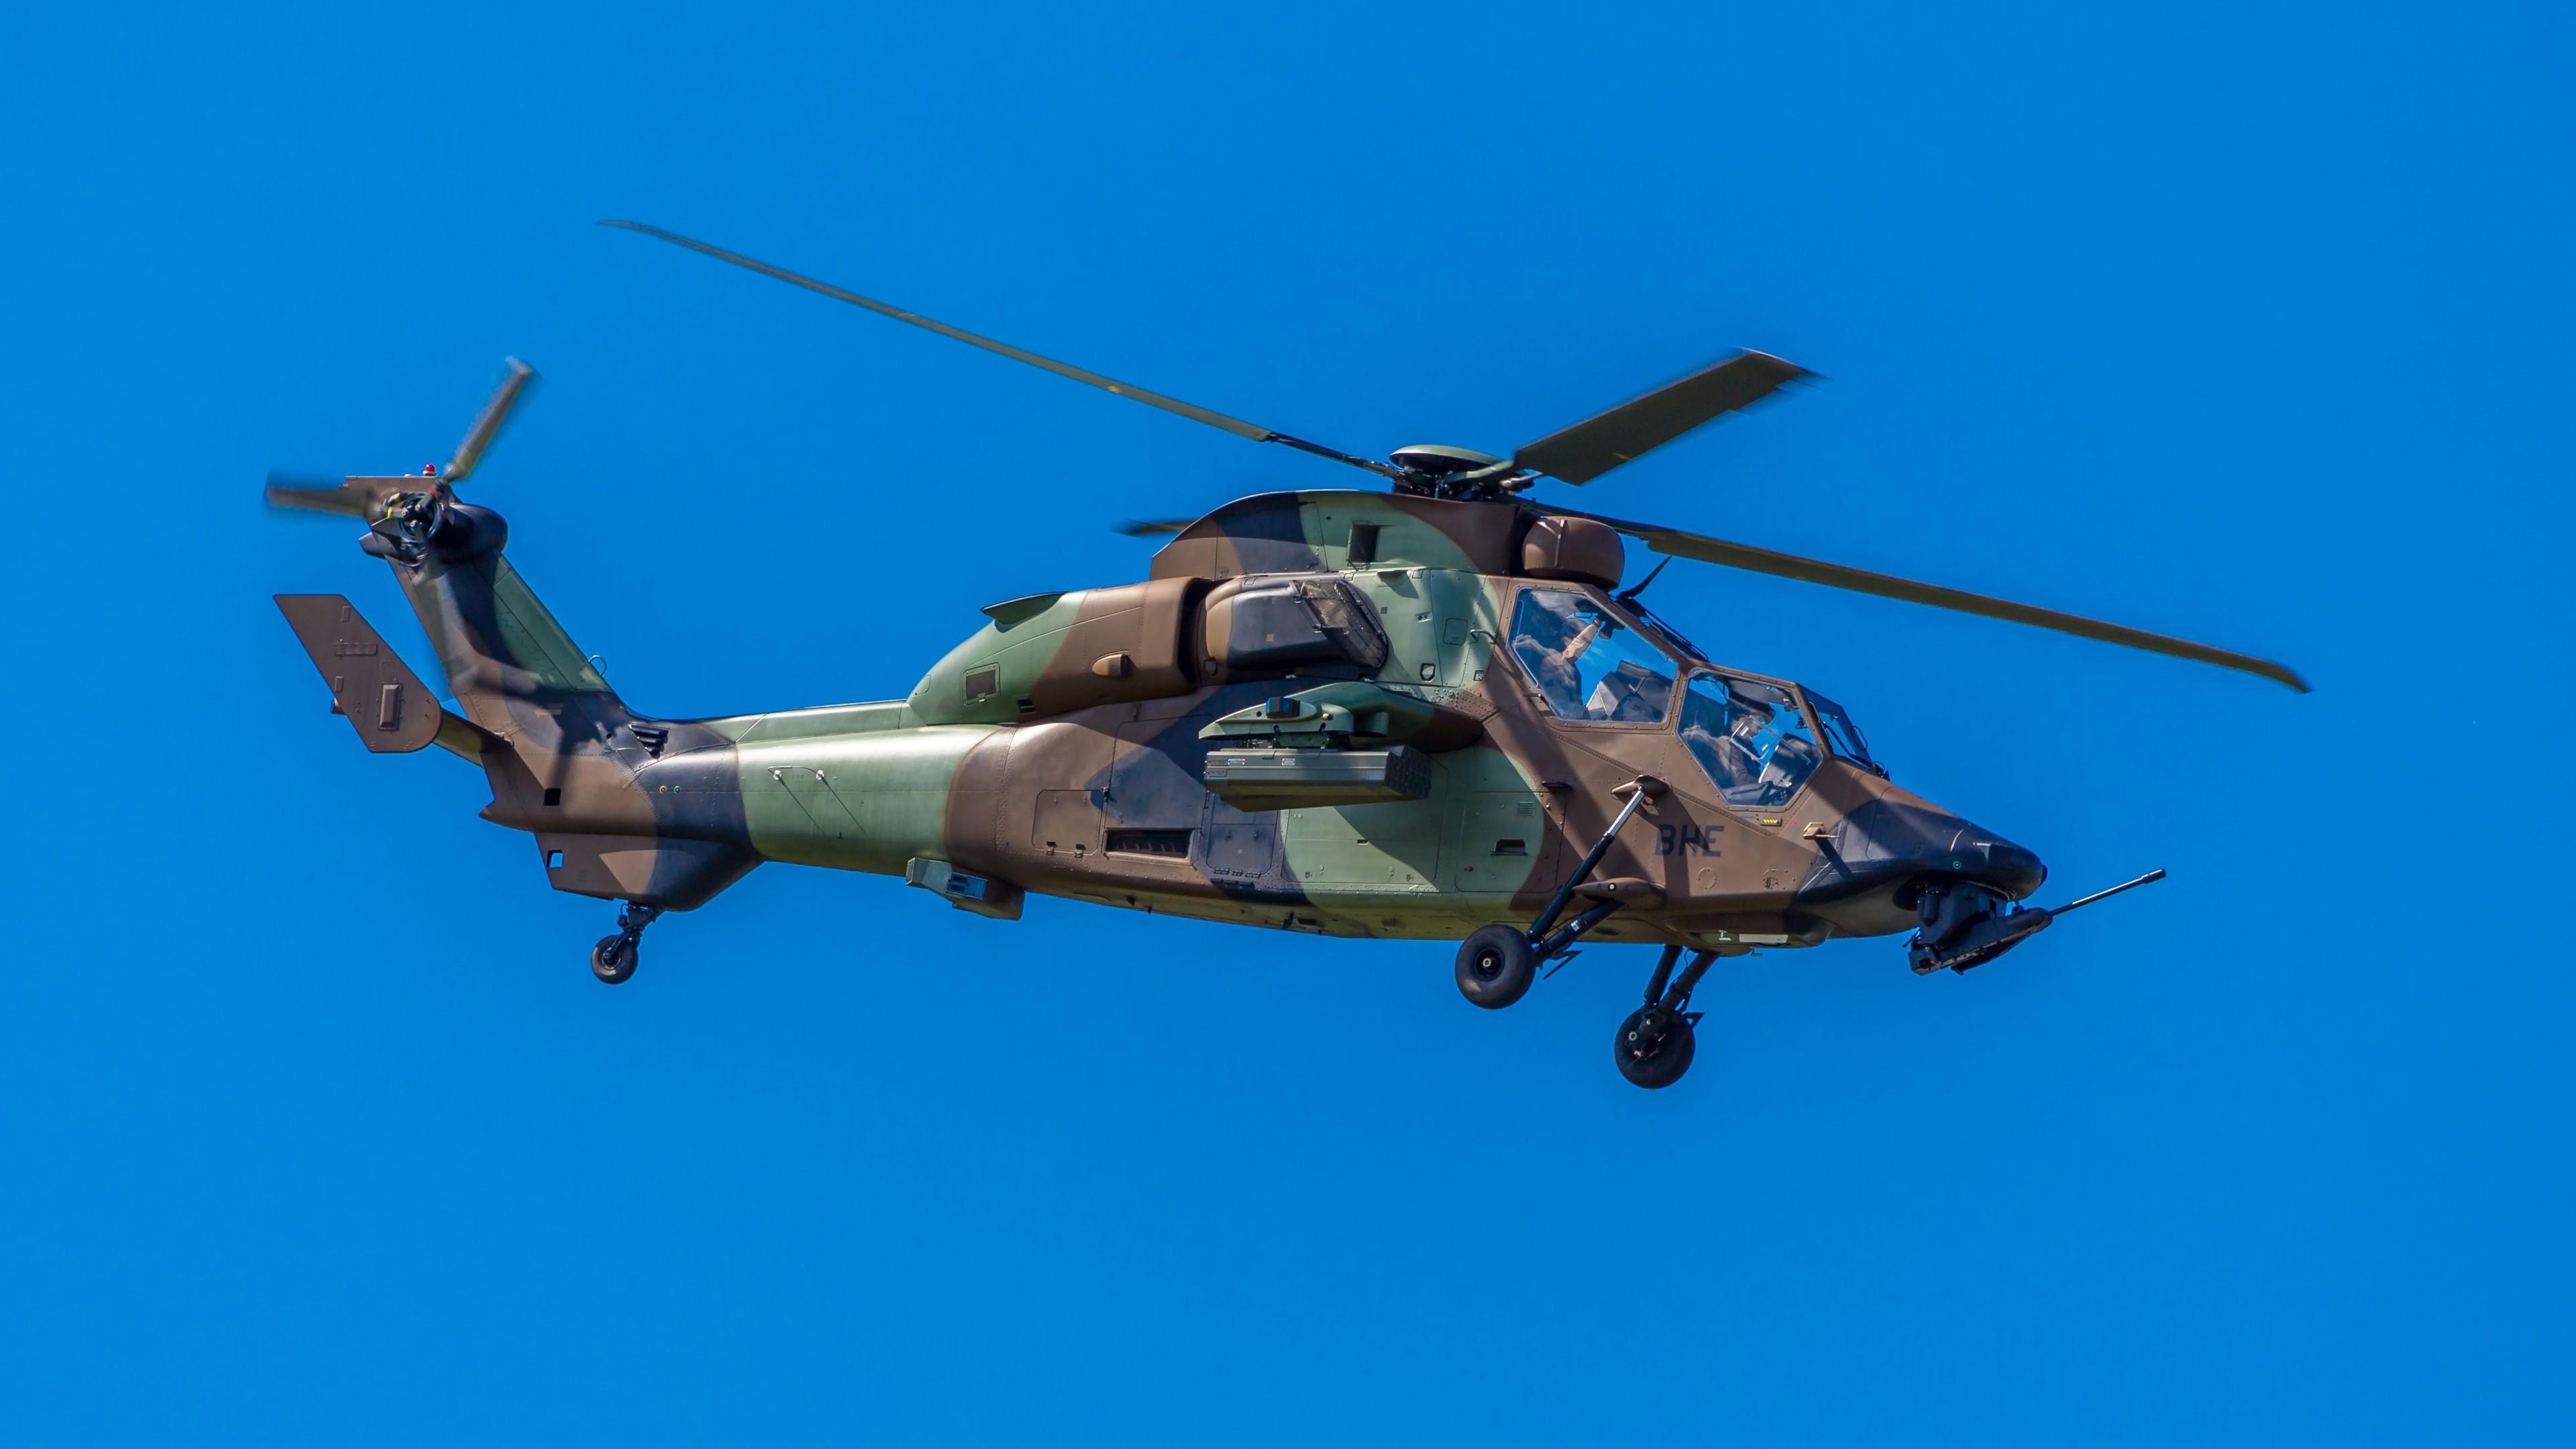 Военный вертолет на фоне ярко-синего неба